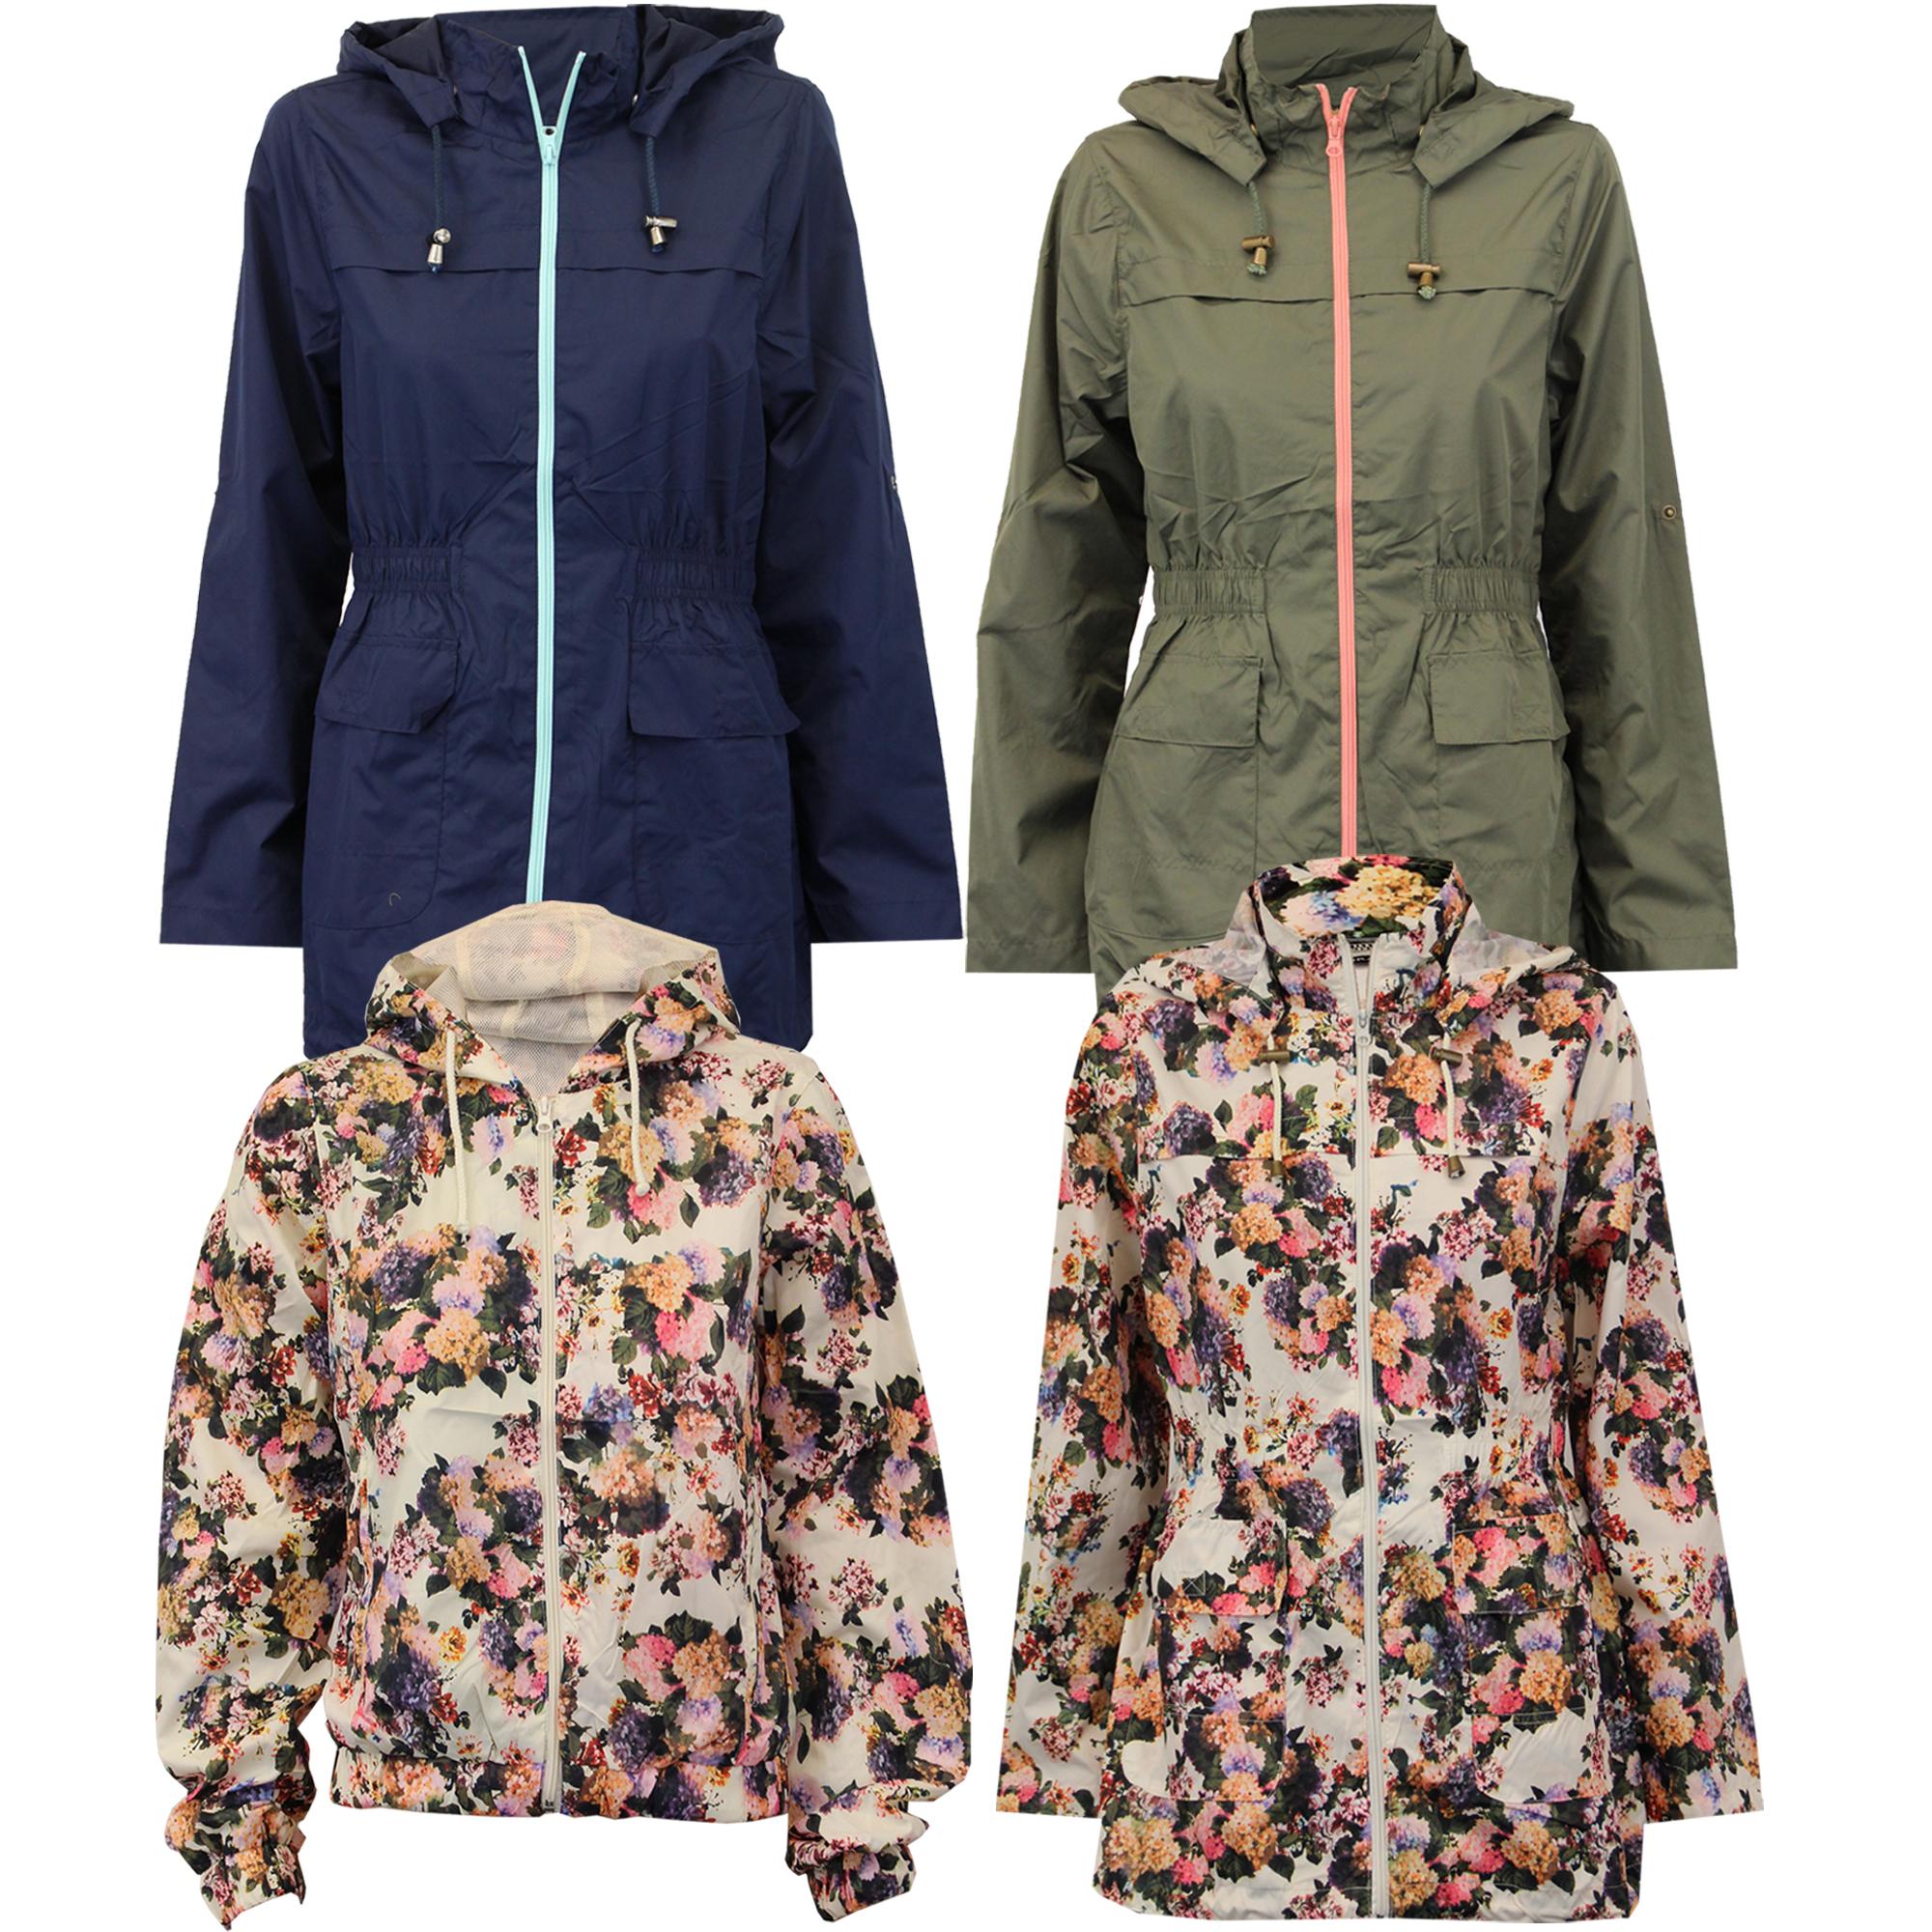 Ladies Jacket Brave Soul /'Regal/' Lightweight Bomber Style Designer Coat 8-16